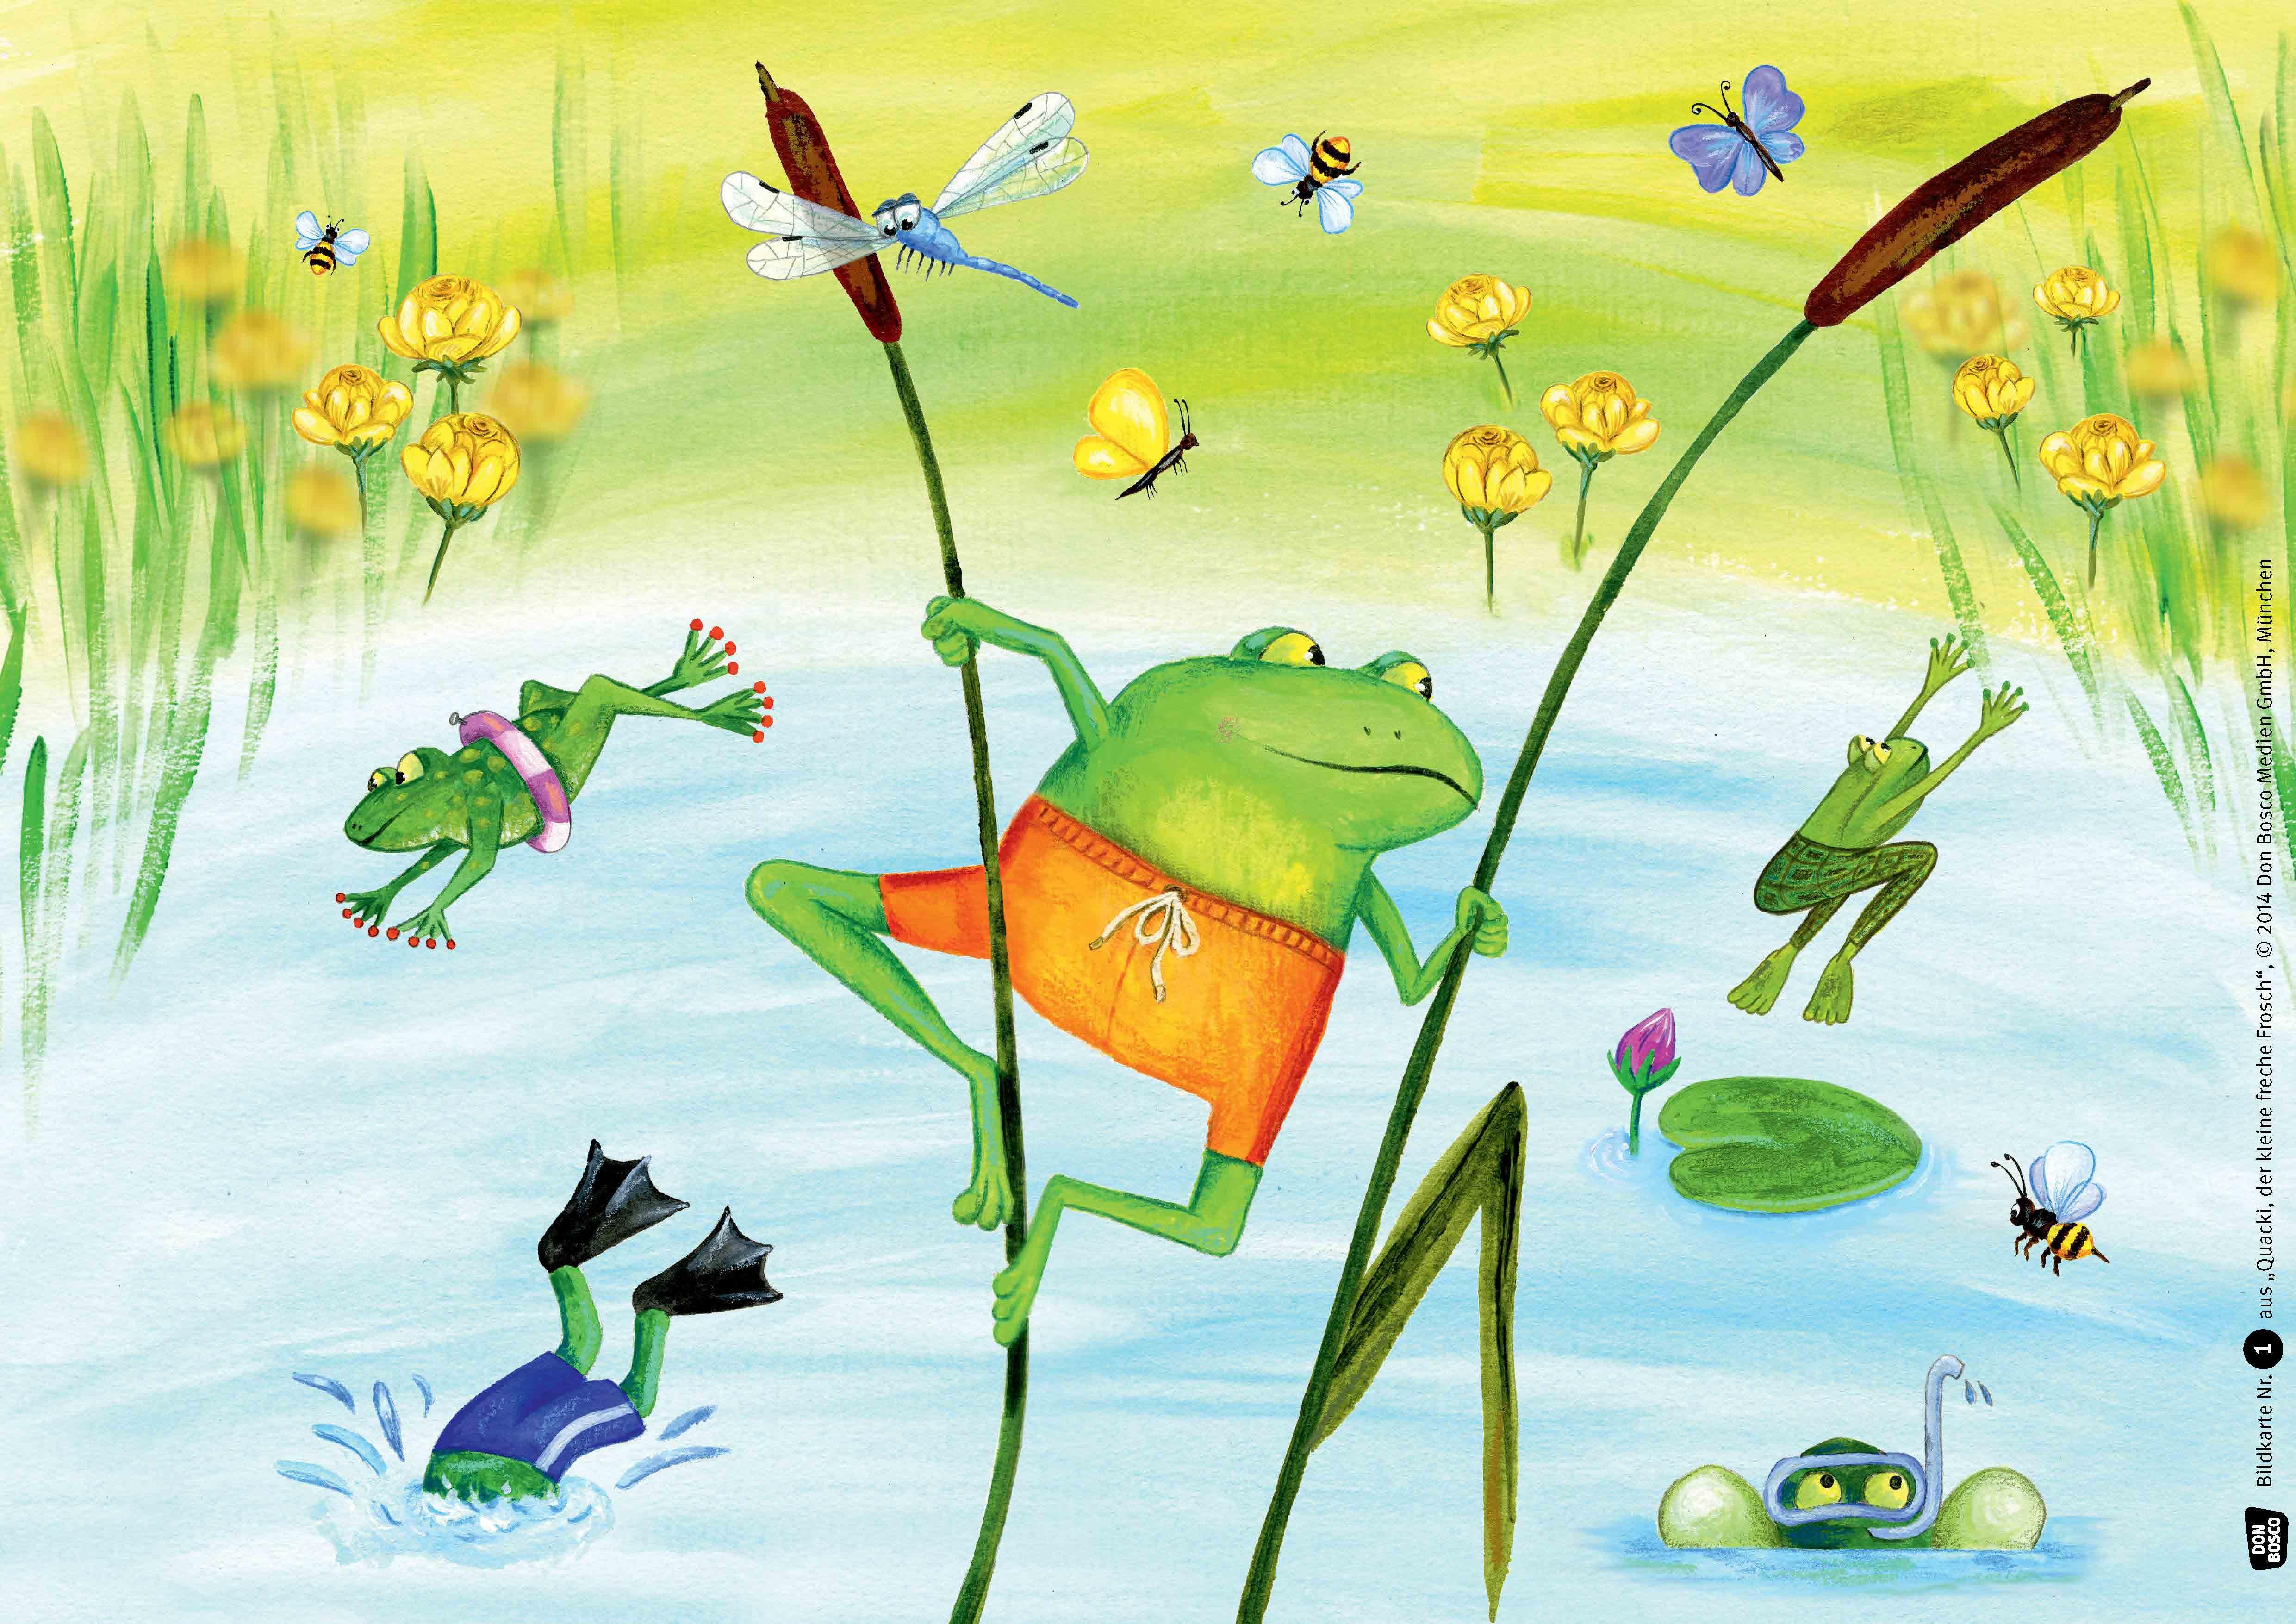 Innenansicht zu Quacki, der kleine freche Frosch. Kamishibai Bildkartenset.